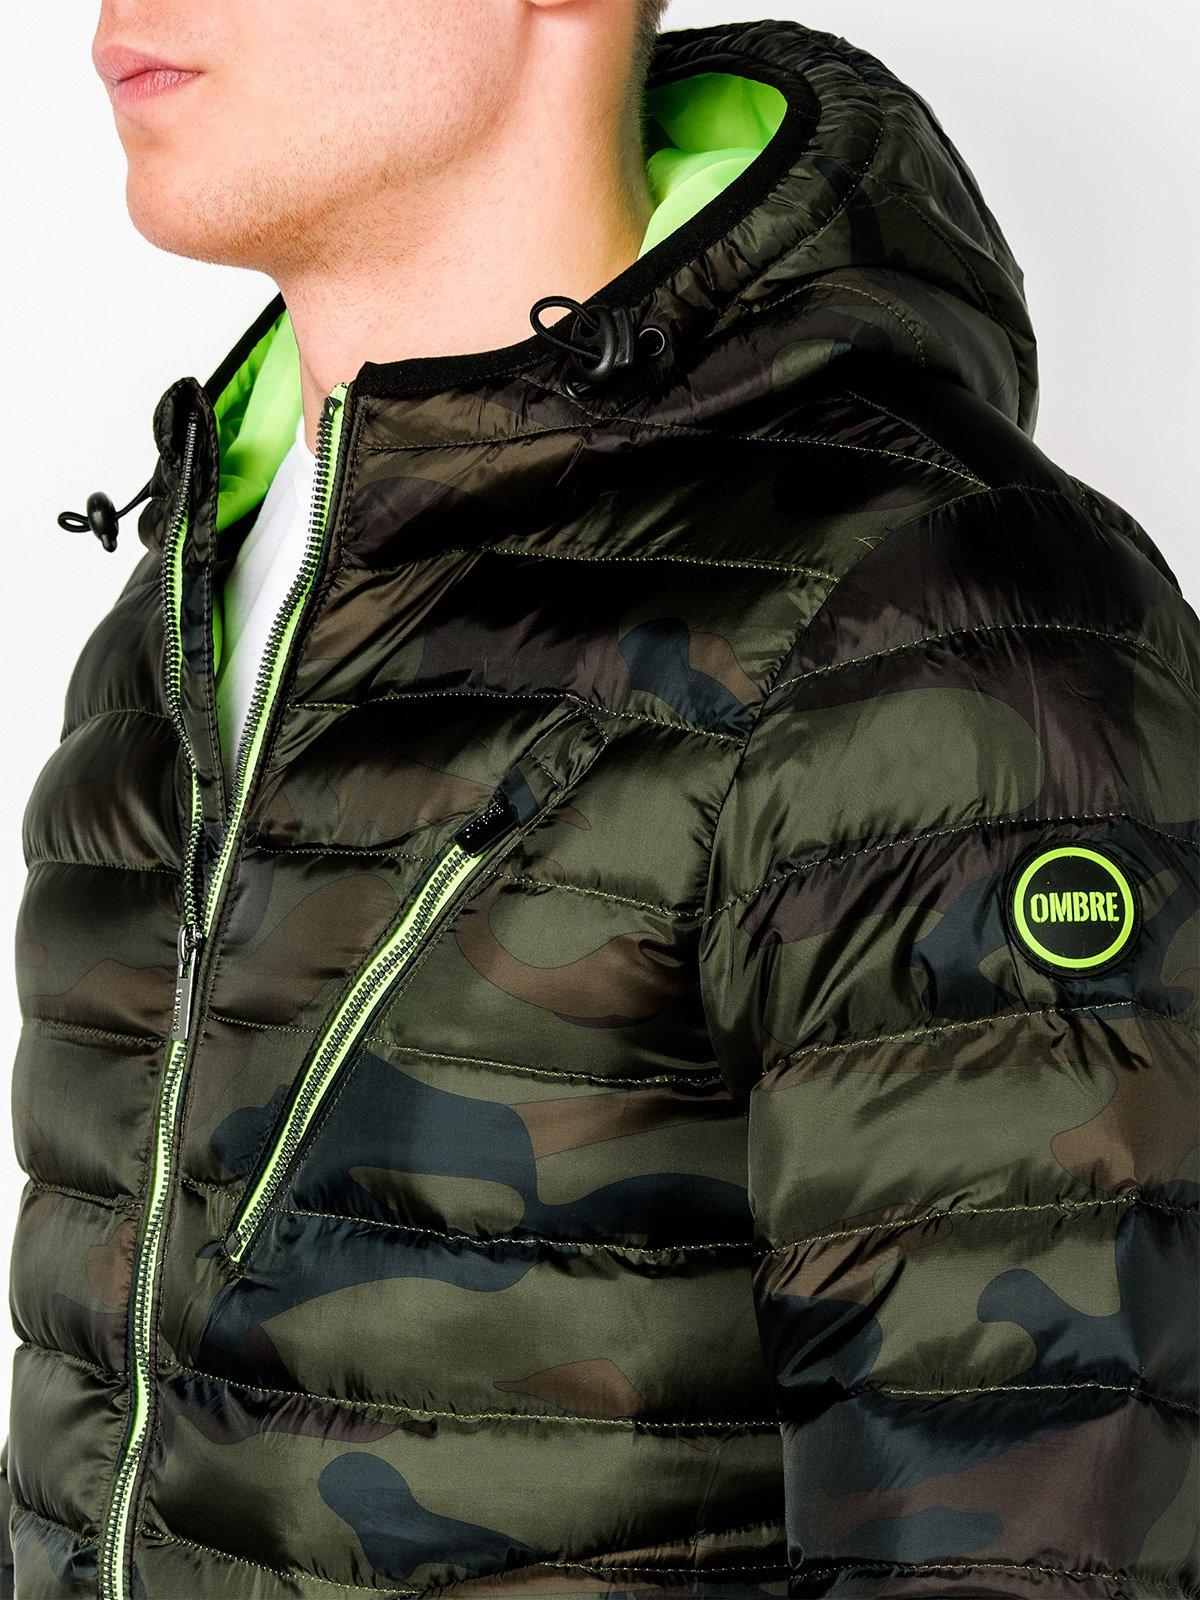 Ombre Clothing pánska zimná bunda C377